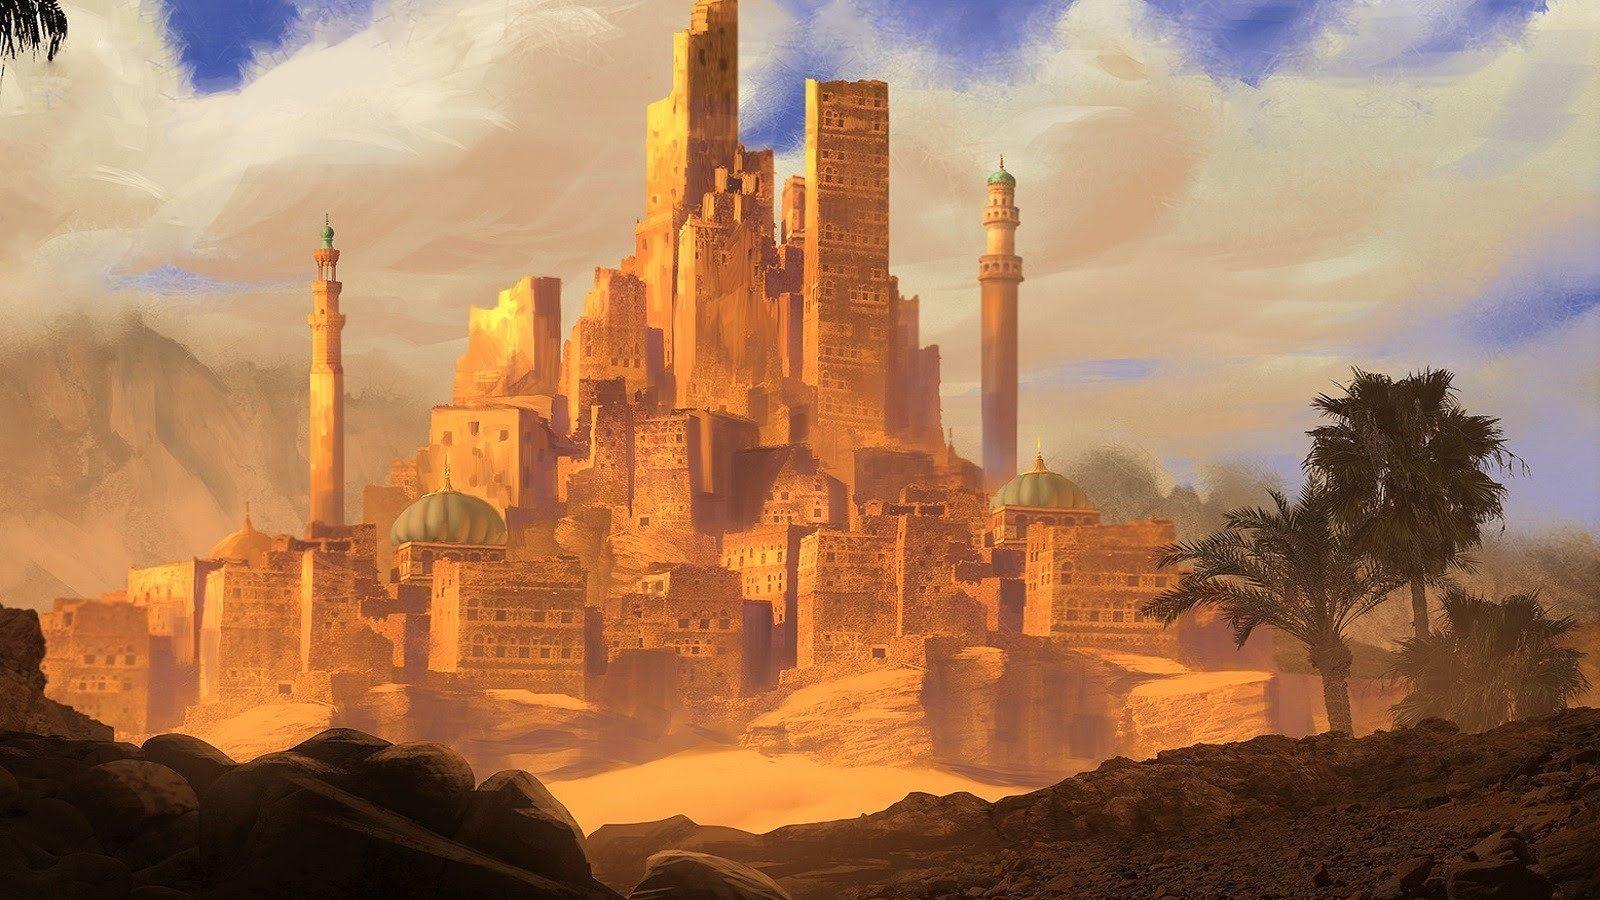 Az ügyvéd, aki $300 milliós kriptováros építését tervezi a sivatagban